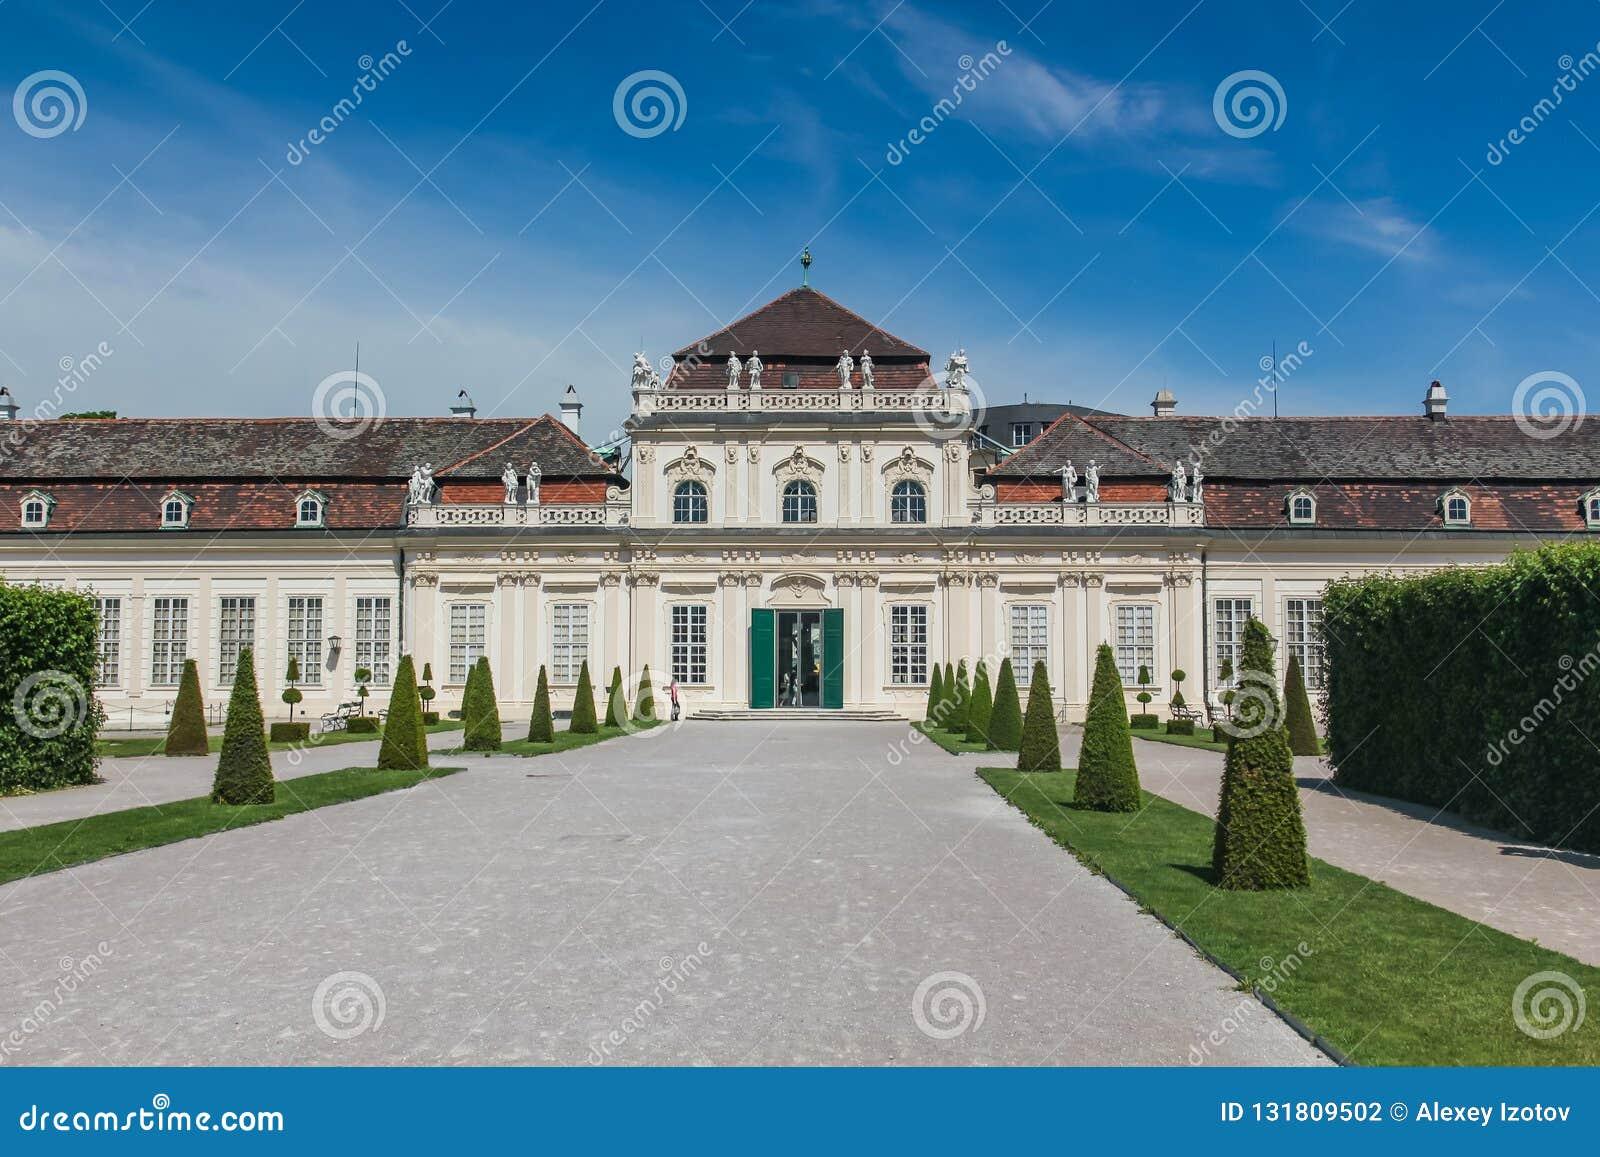 Il giardino di inverno, abbassa i giardini del palazzo di belvedere, Wien, Vienna, Austria